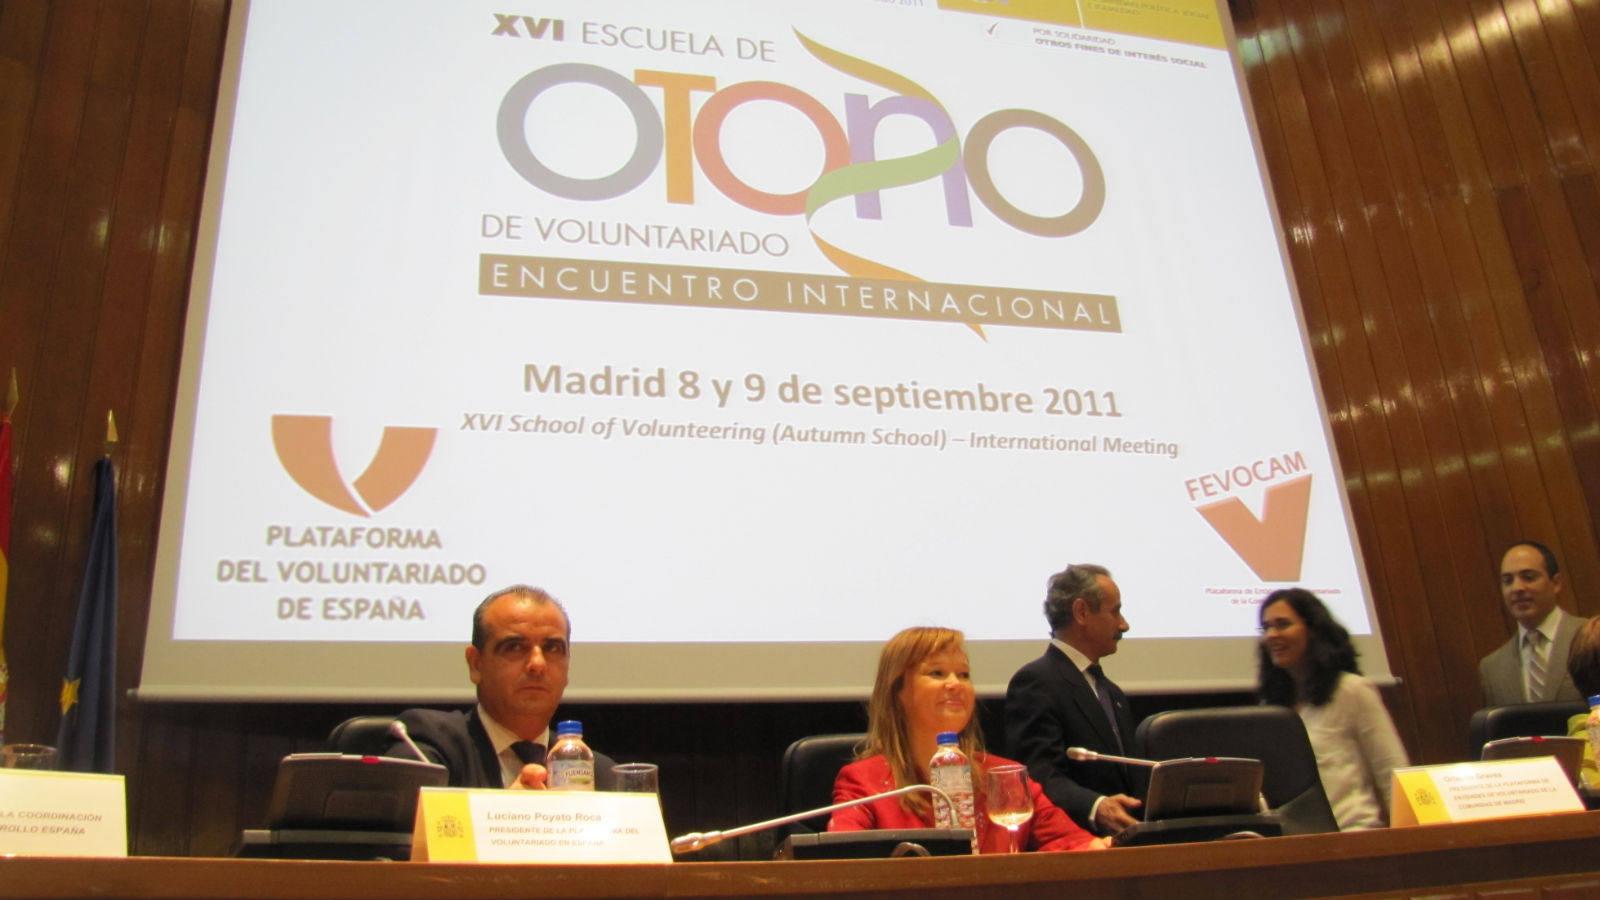 La acción voluntaria española en 2011 - Sociedad - ABC.es